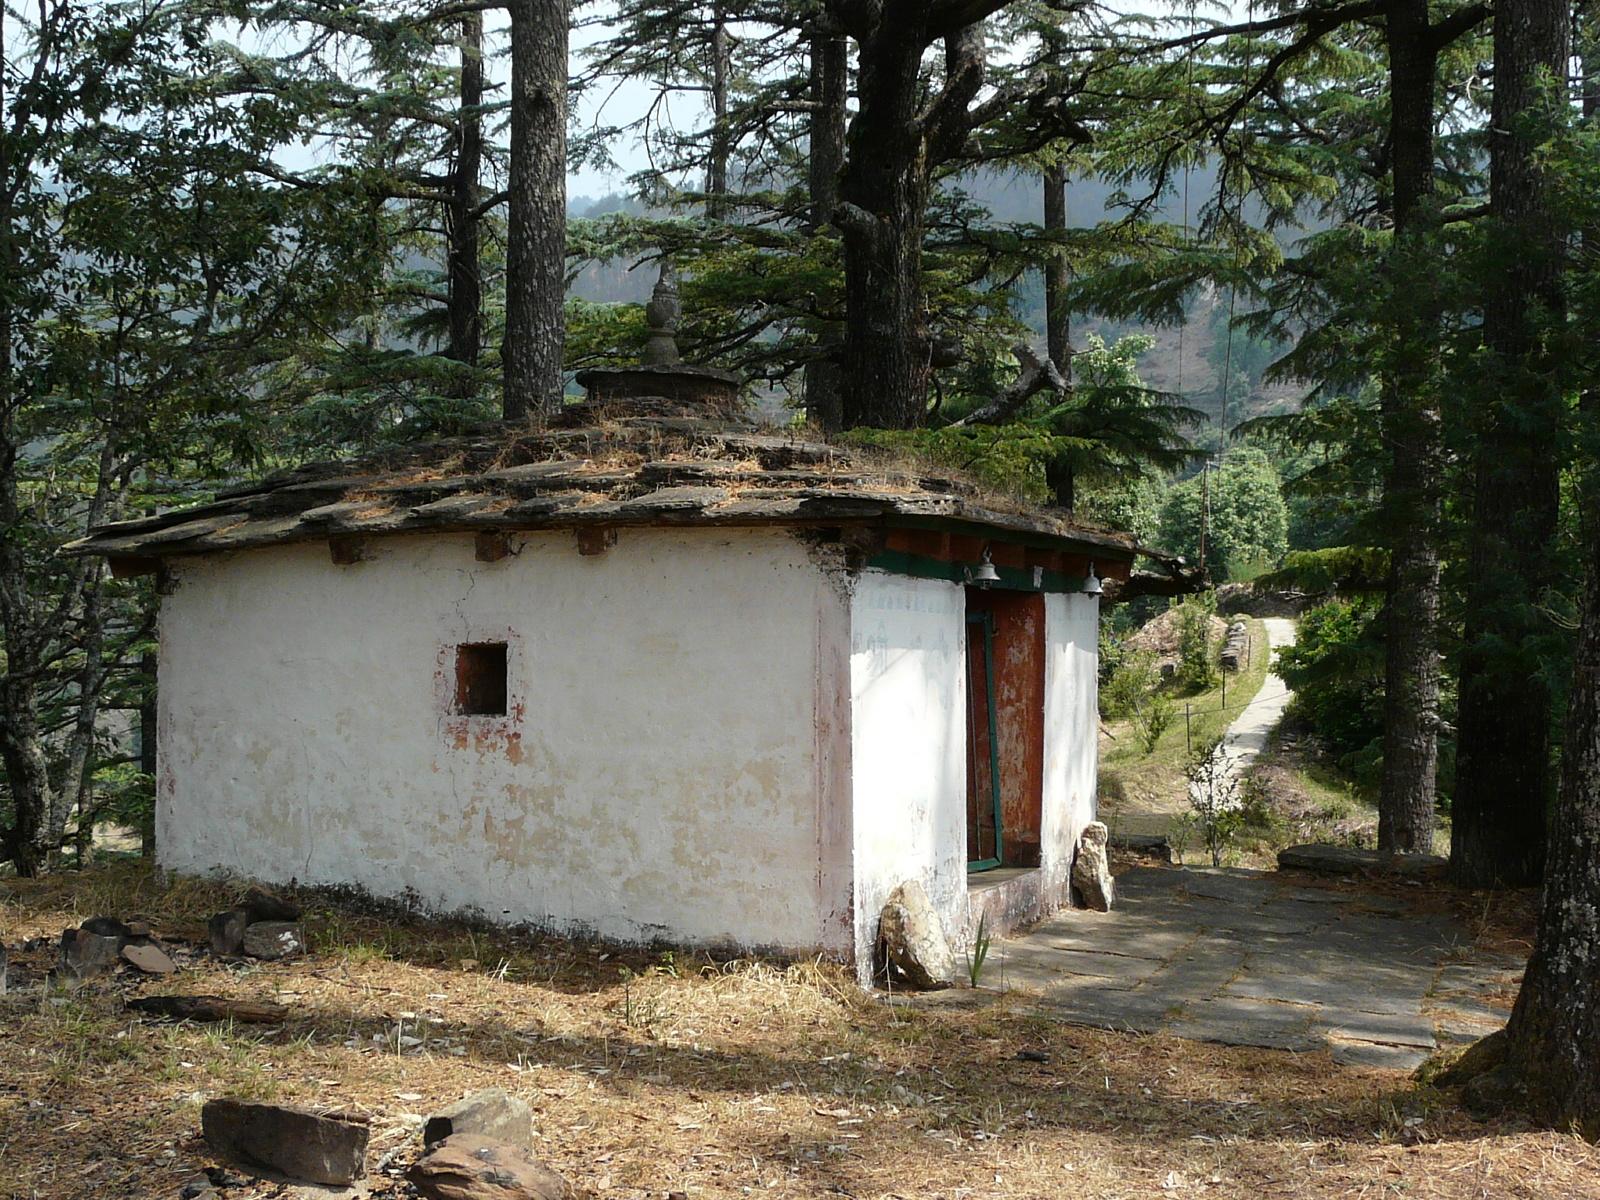 village-old-hut